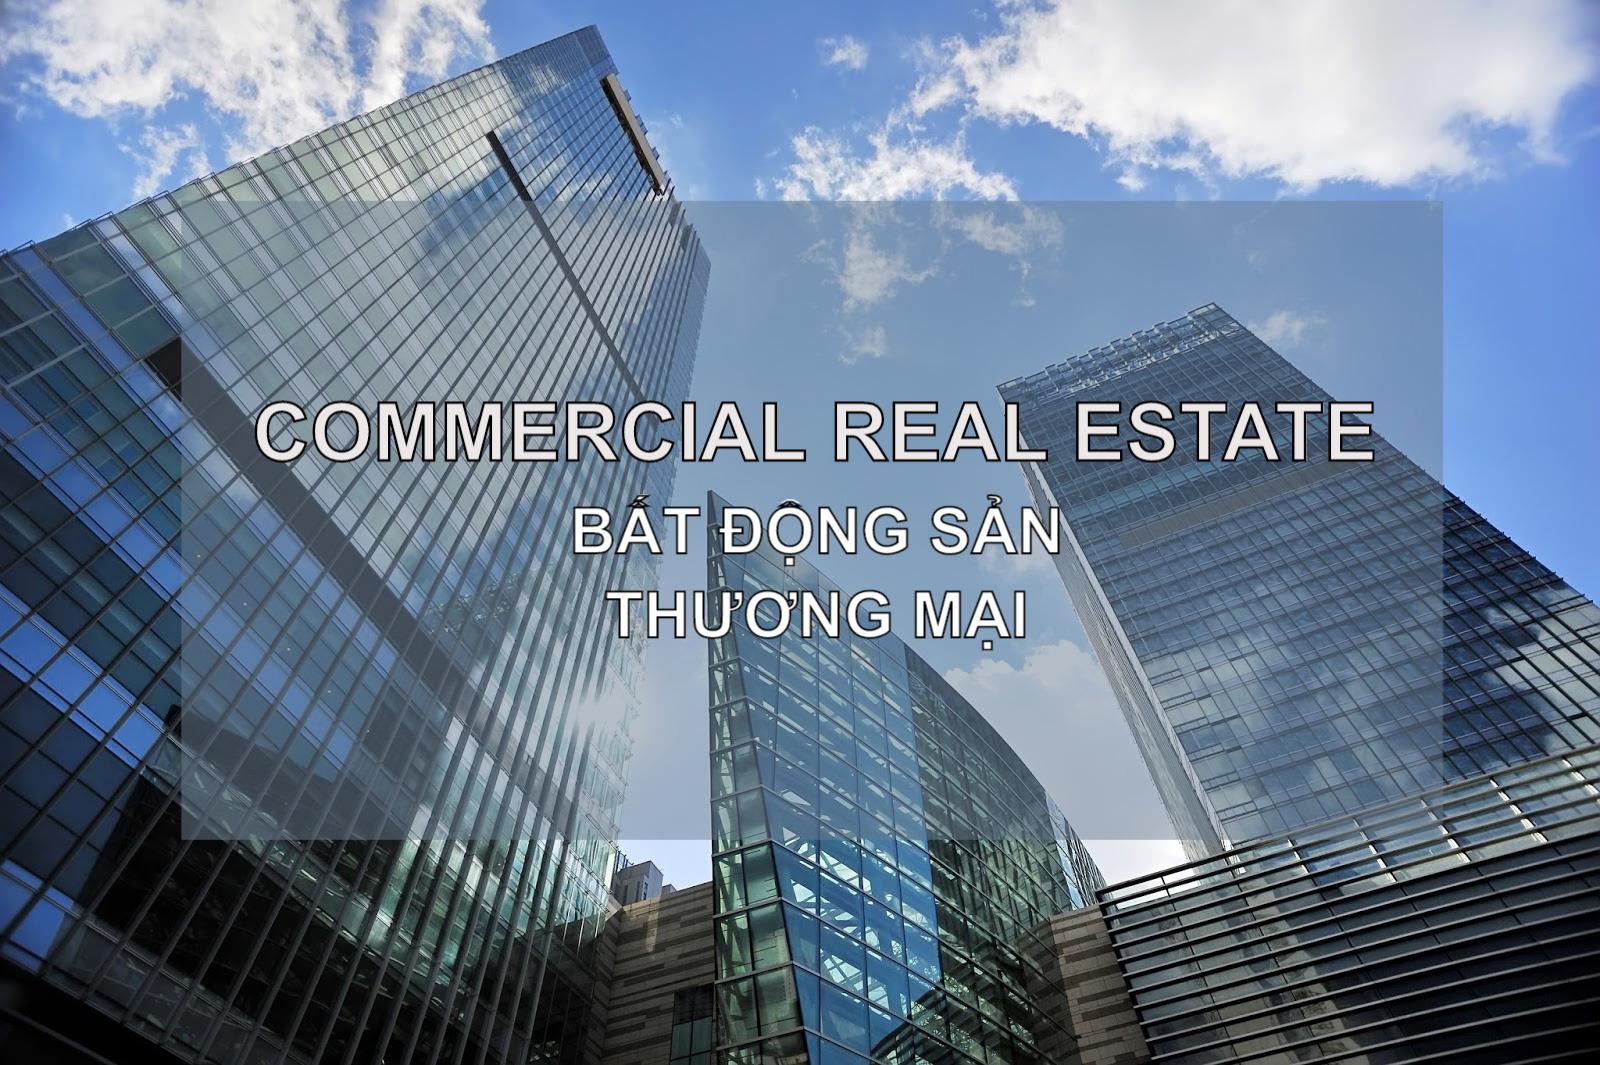 Bất động sản thương mại (Commercial Real Estate - CRE) là gì? Ưu điểm và nhược điểm - Ảnh 1.